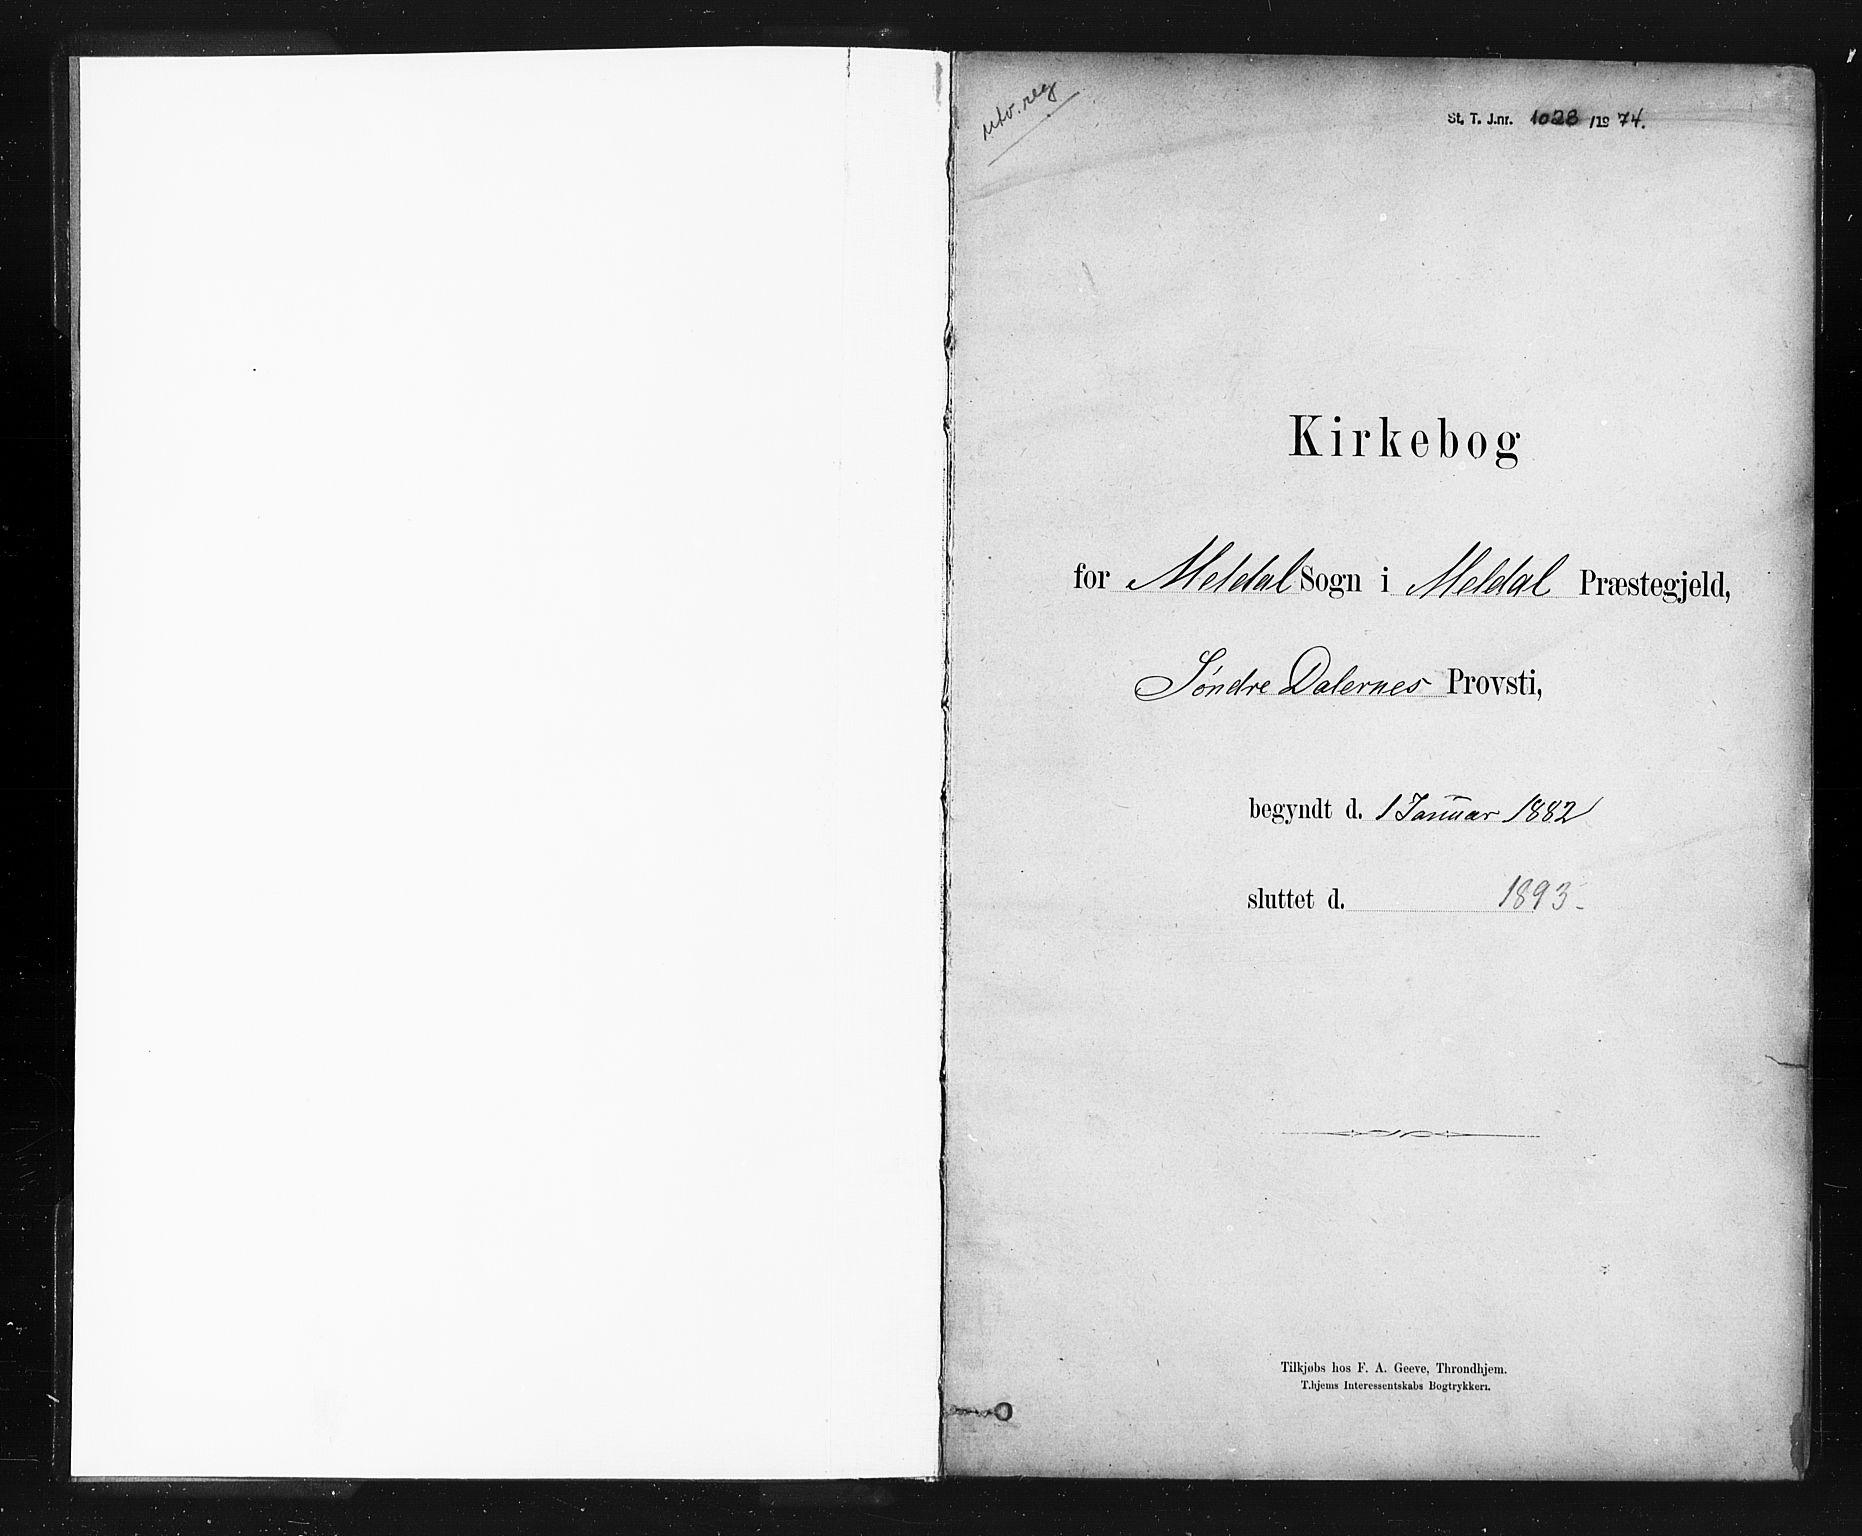 SAT, Ministerialprotokoller, klokkerbøker og fødselsregistre - Sør-Trøndelag, 672/L0857: Ministerialbok nr. 672A09, 1882-1893